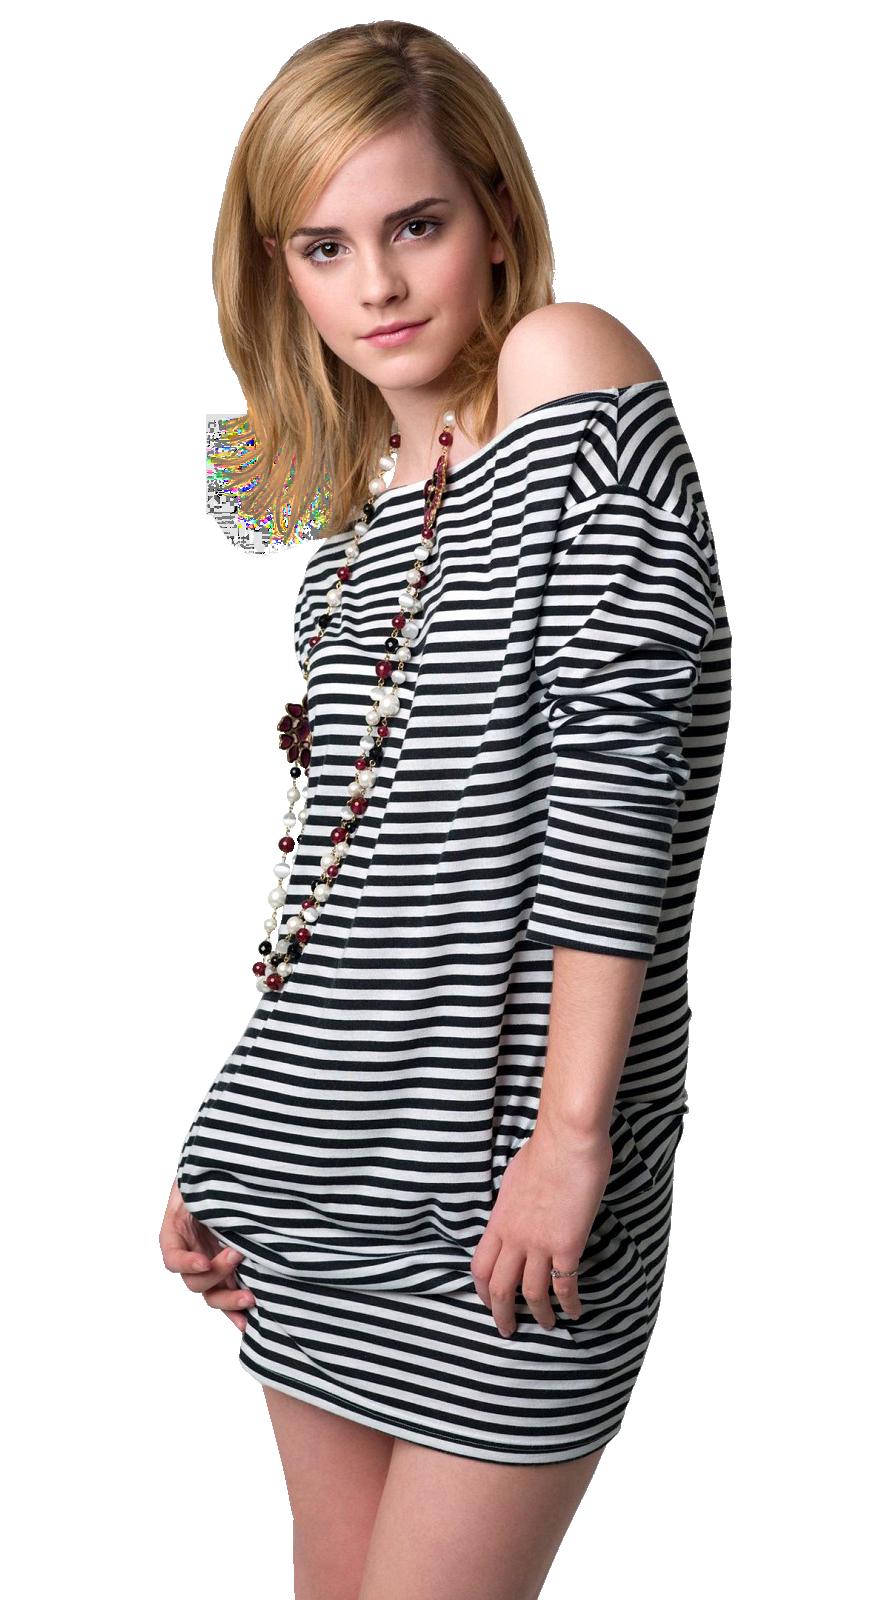 Emma Watson PNG - 17277